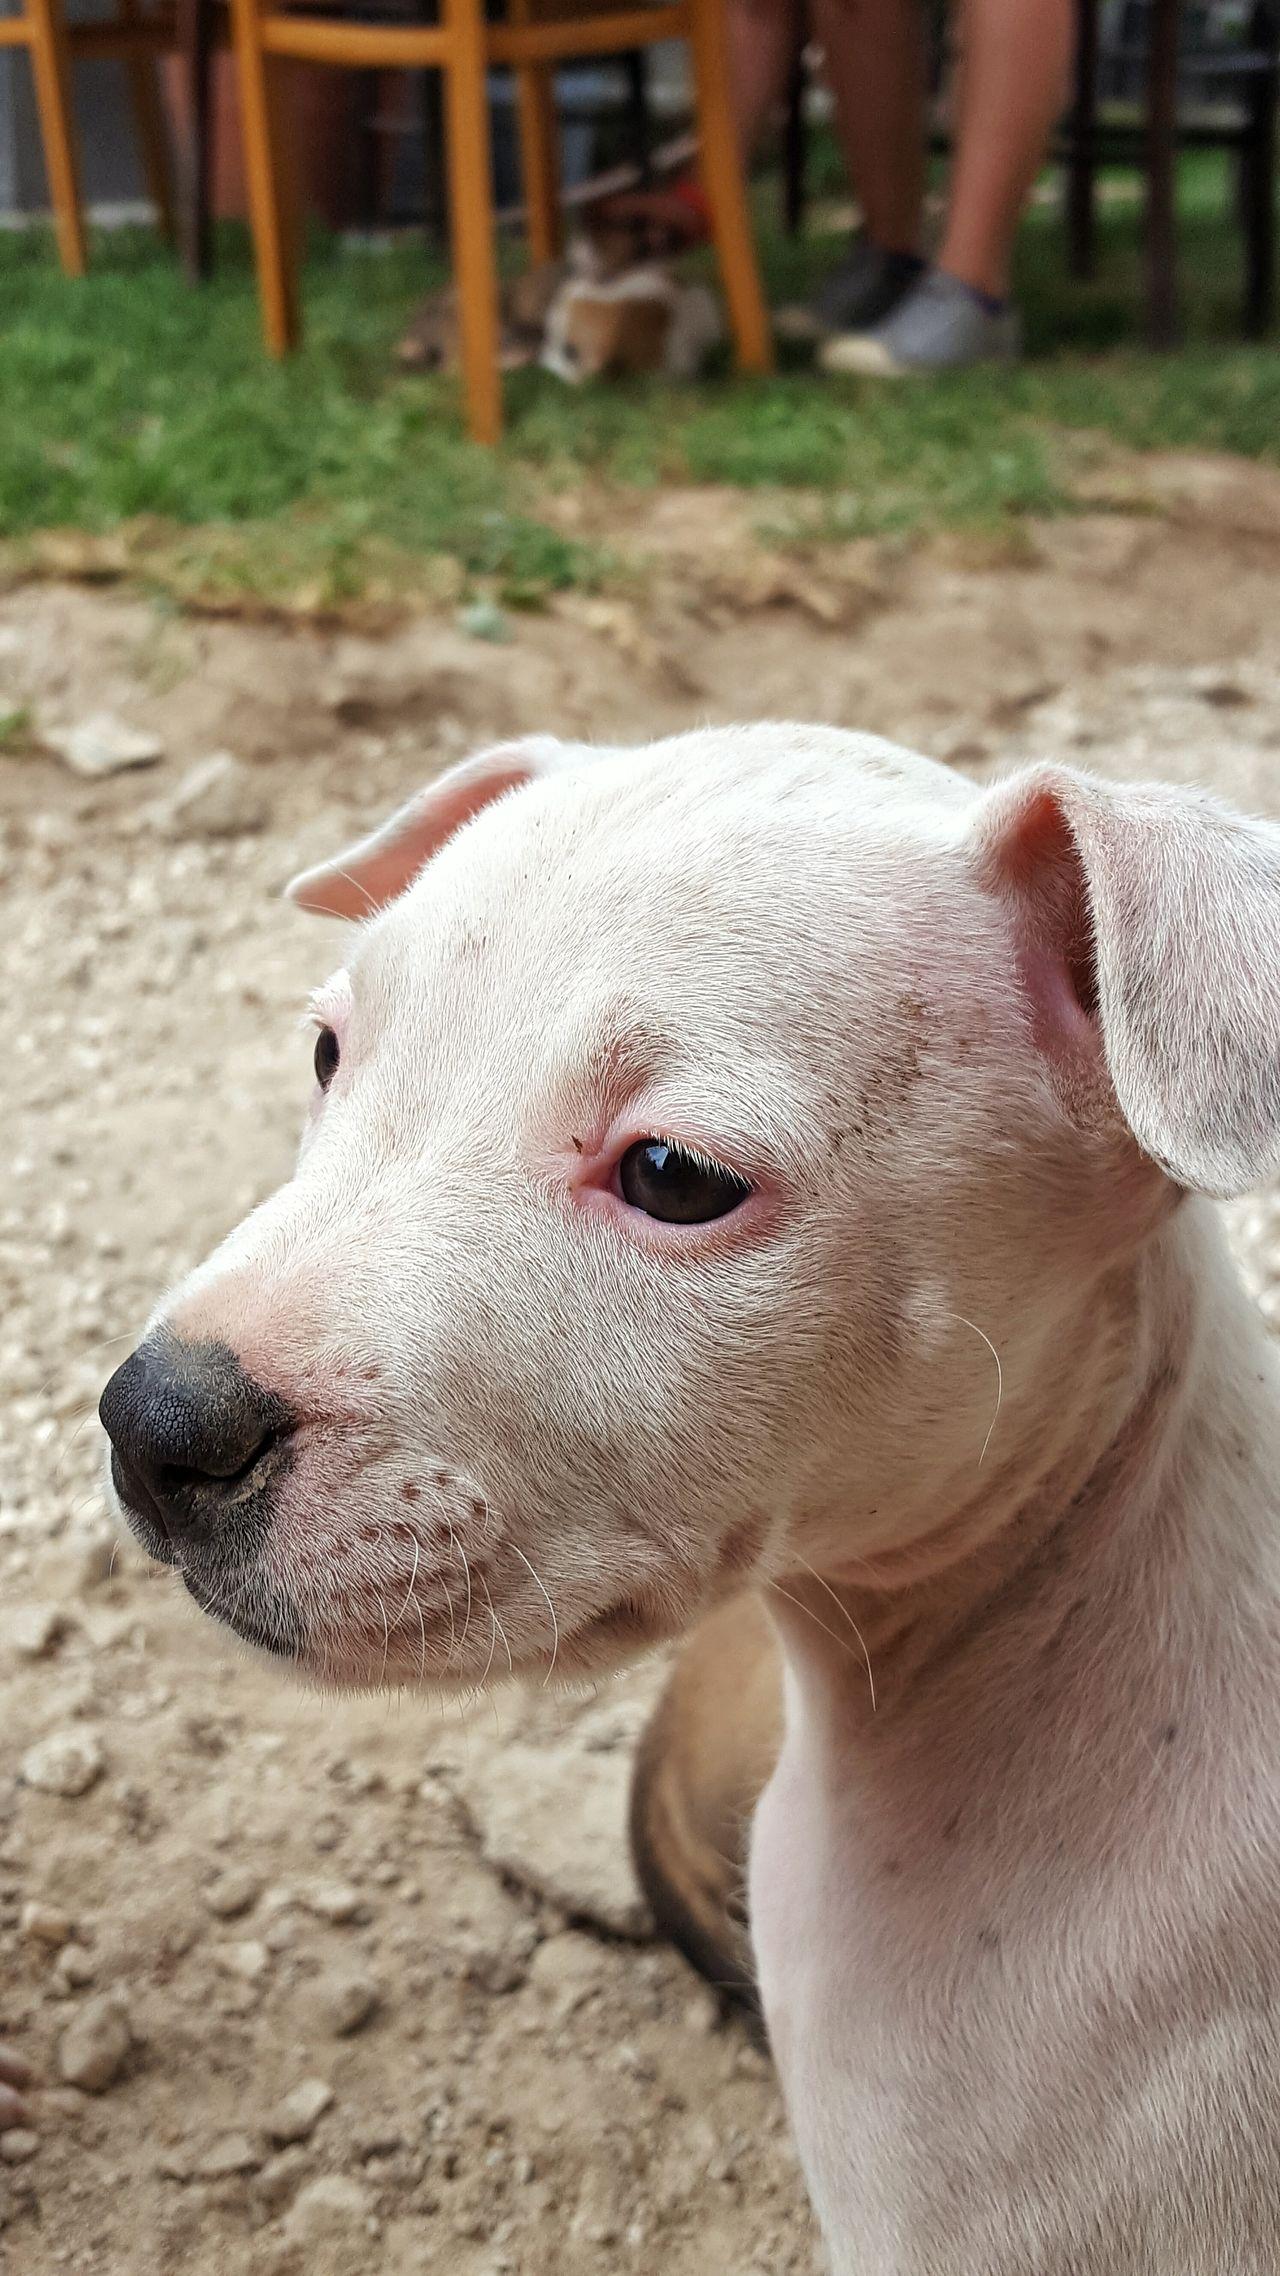 Outdorphotography Delicious Love Pitbull♥ Pitbulllover Guard Pitbull Dog Poser ❤ Puppye